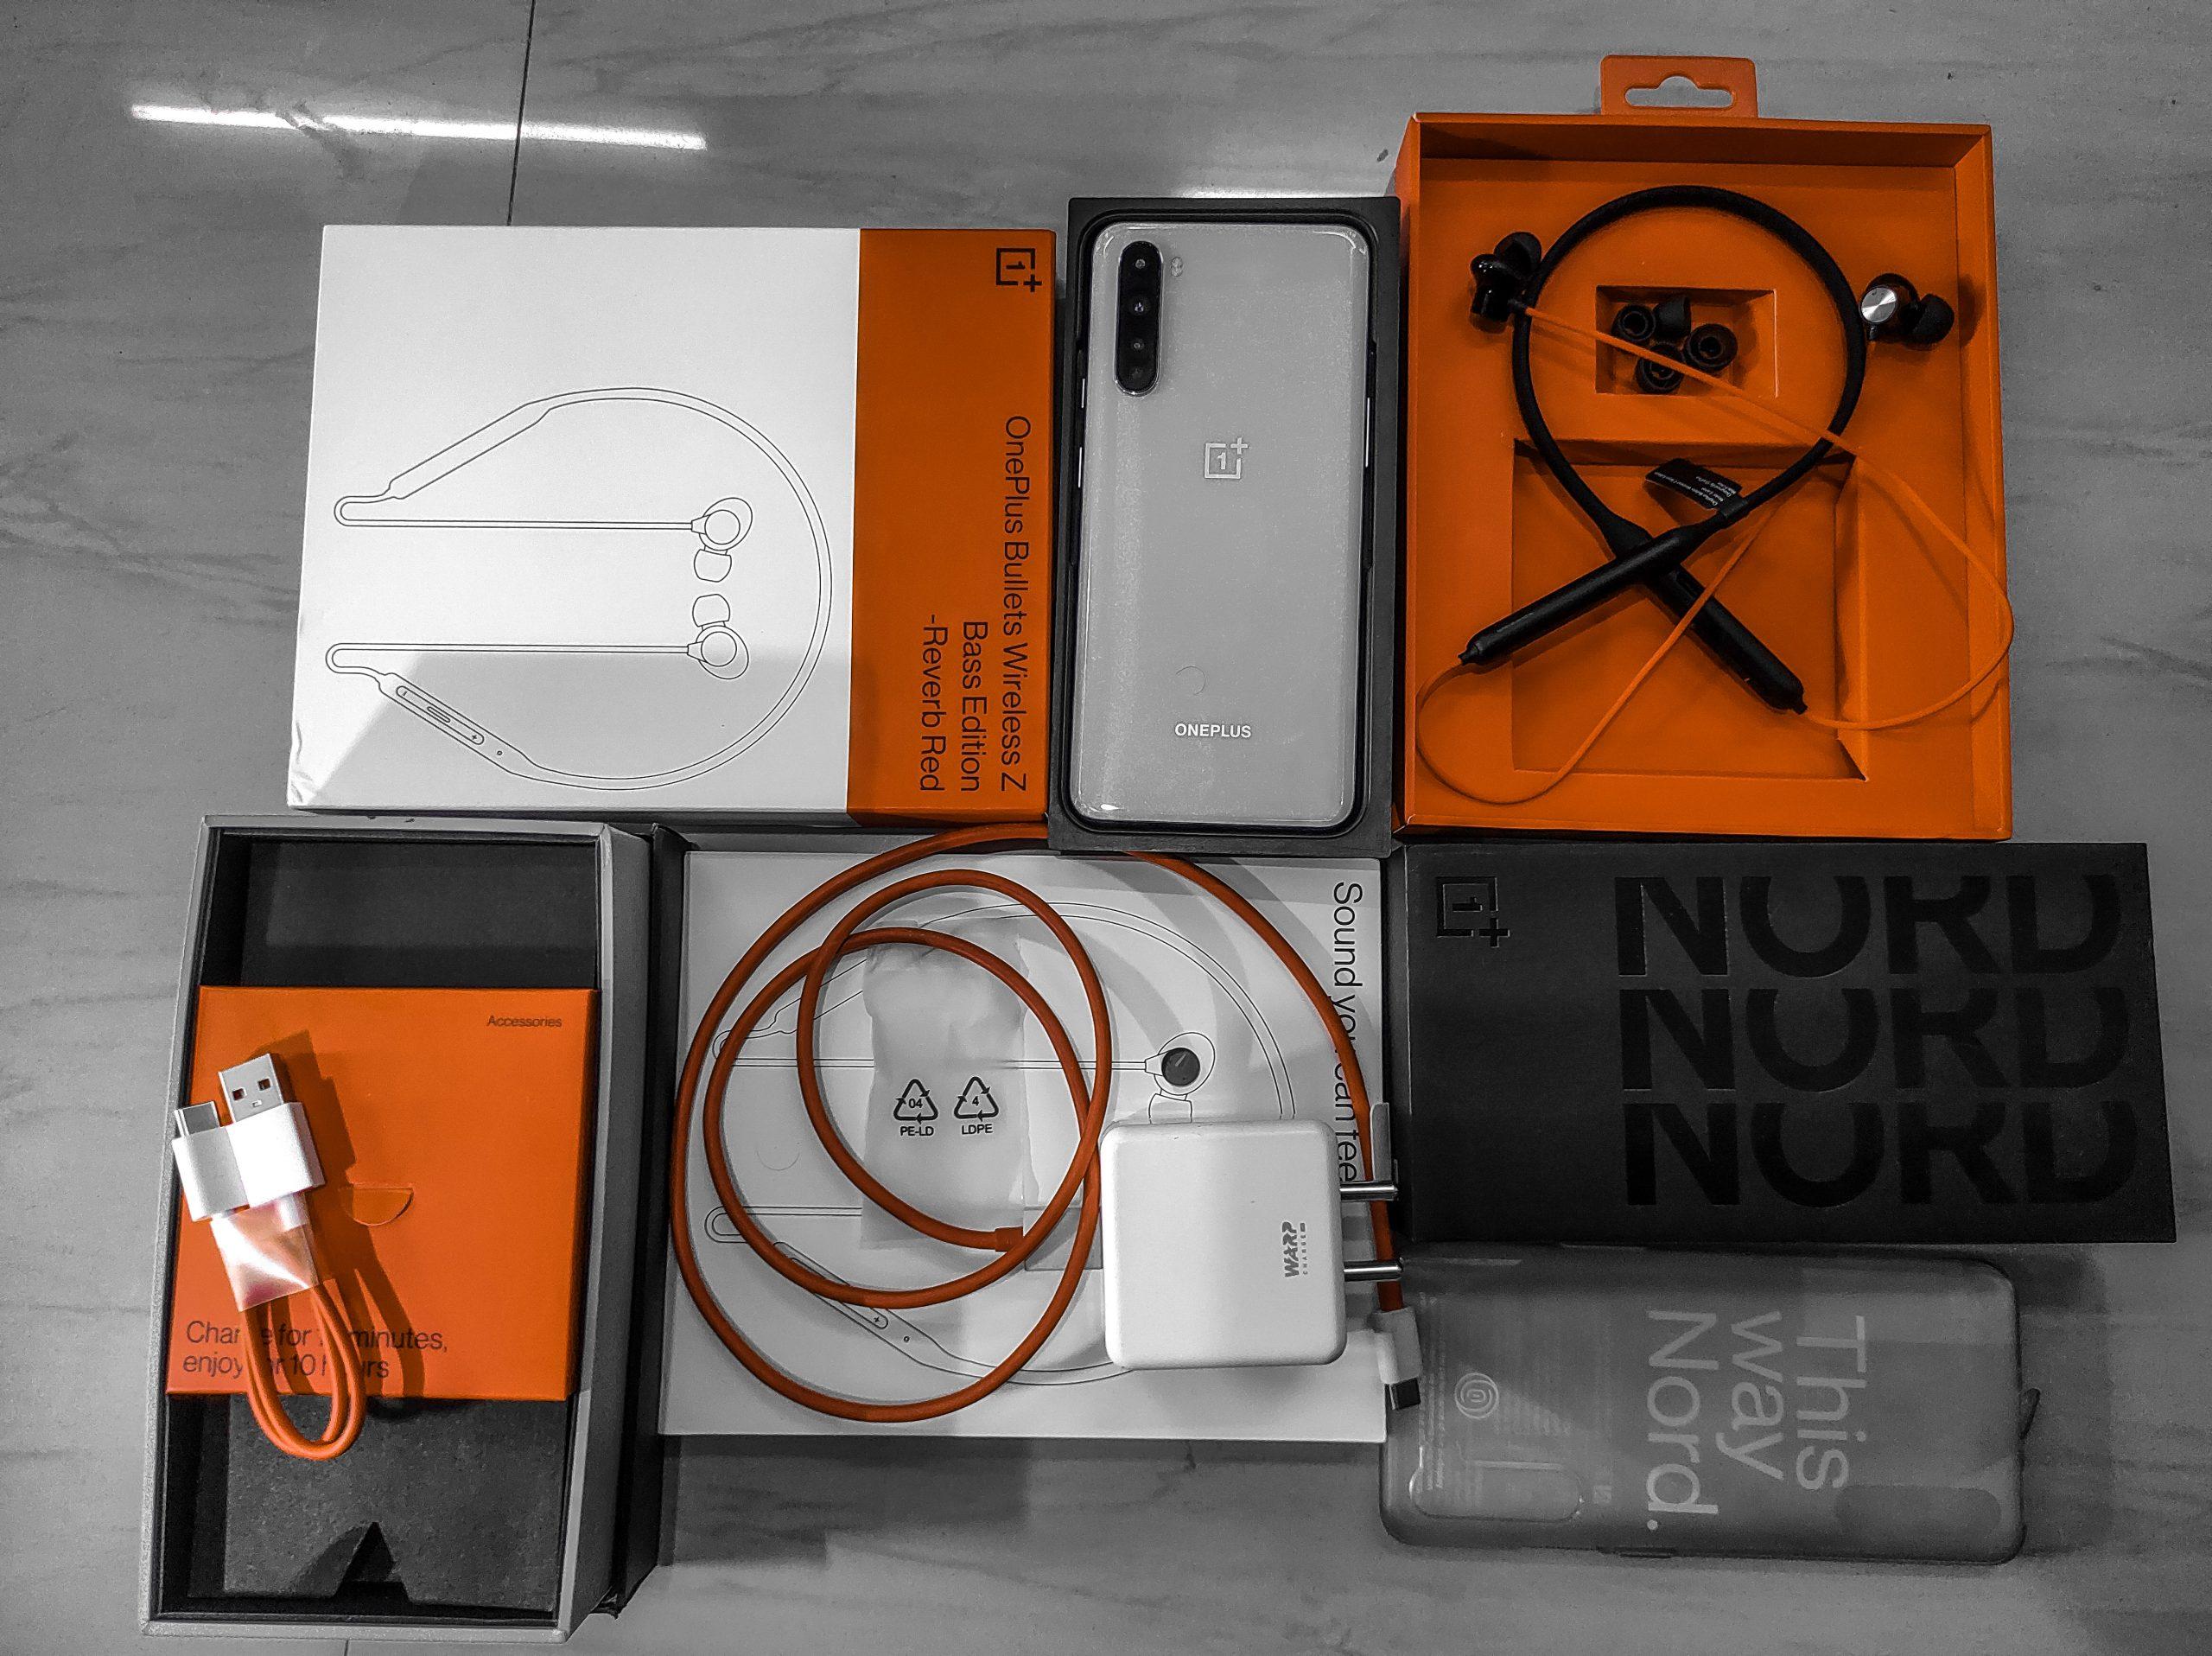 One plus accessories